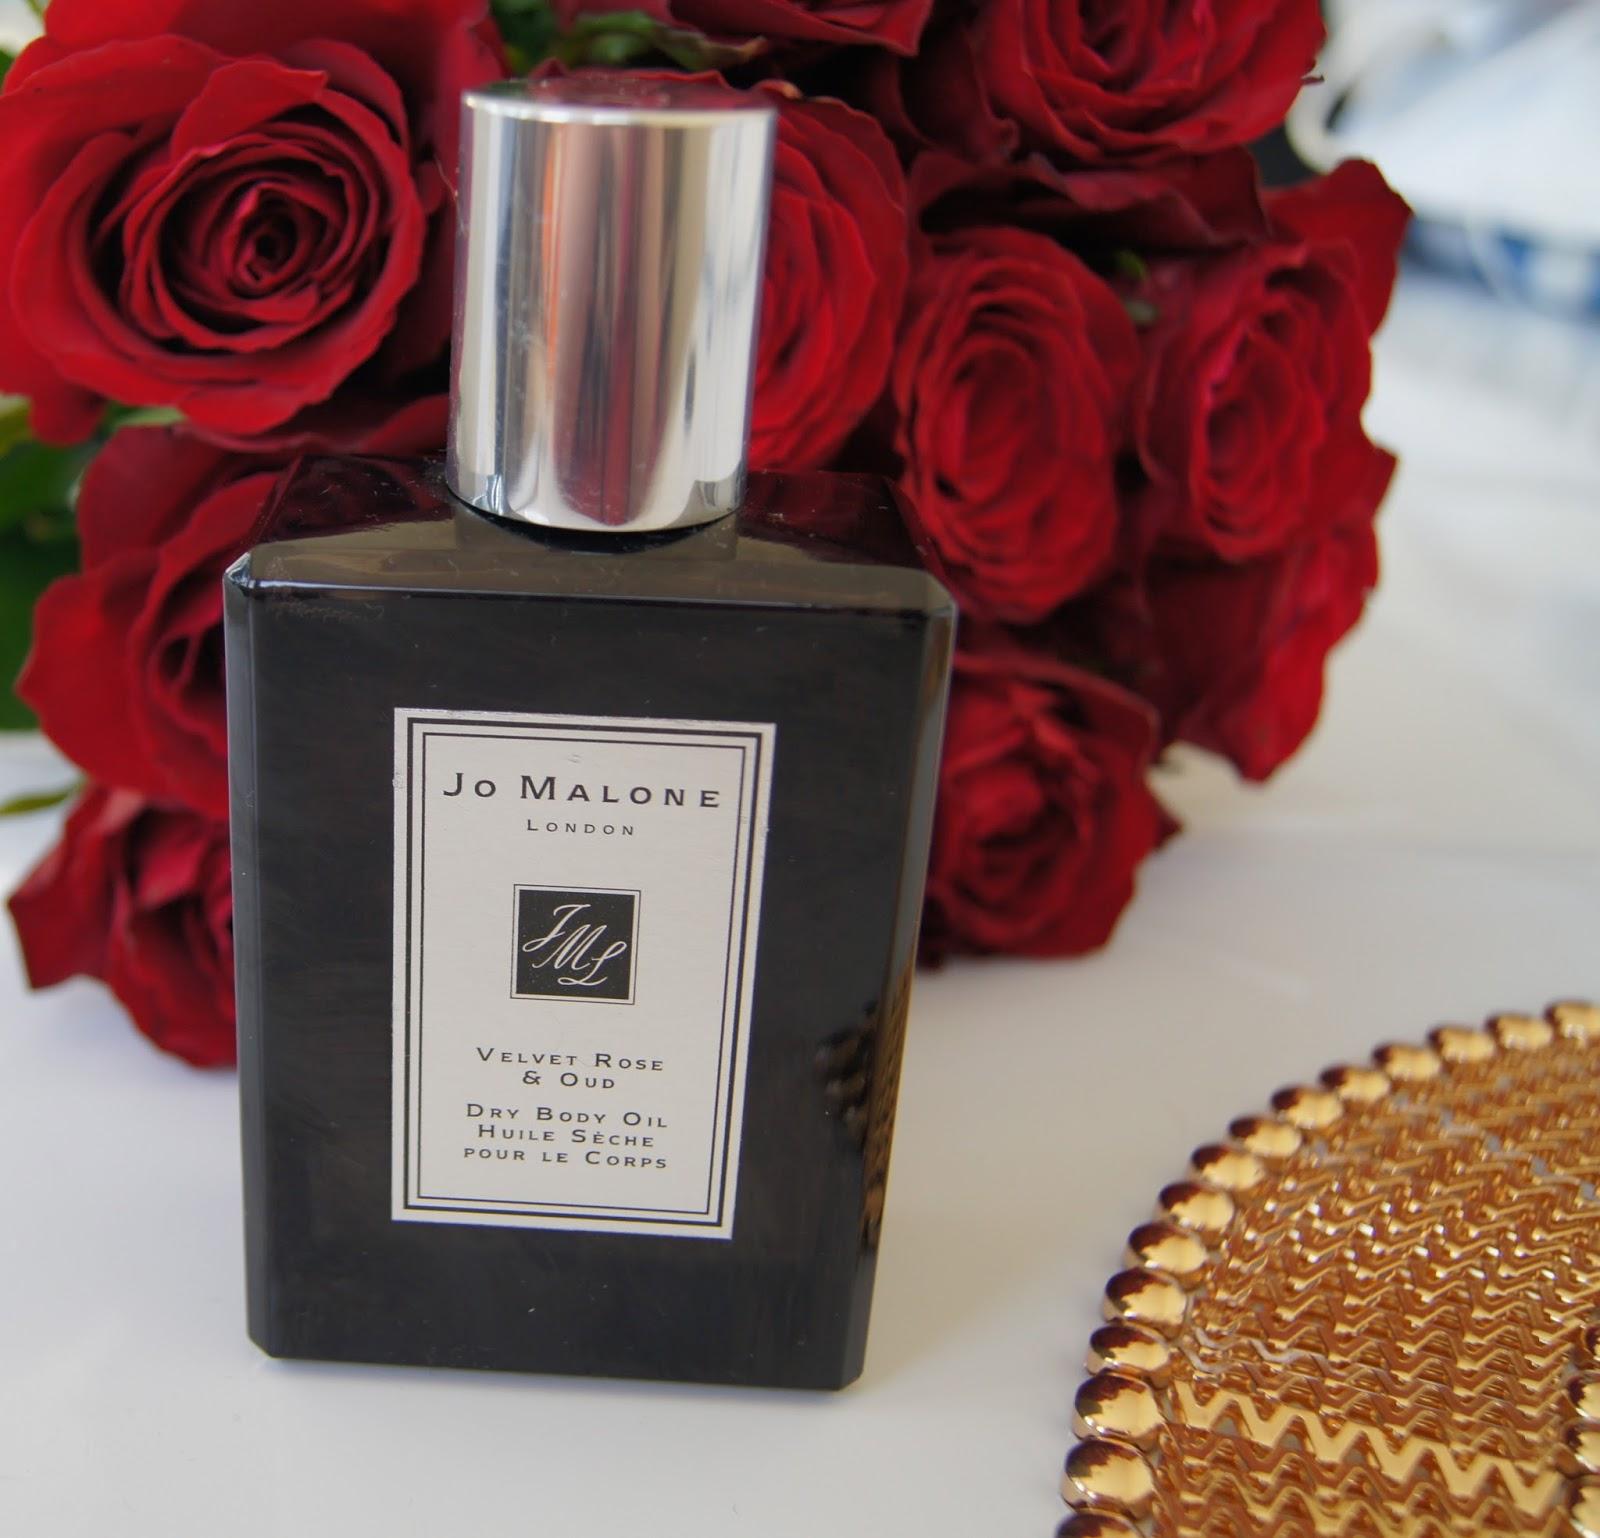 Jo Malone Dry Body Oil Velvet Rose and Oud review